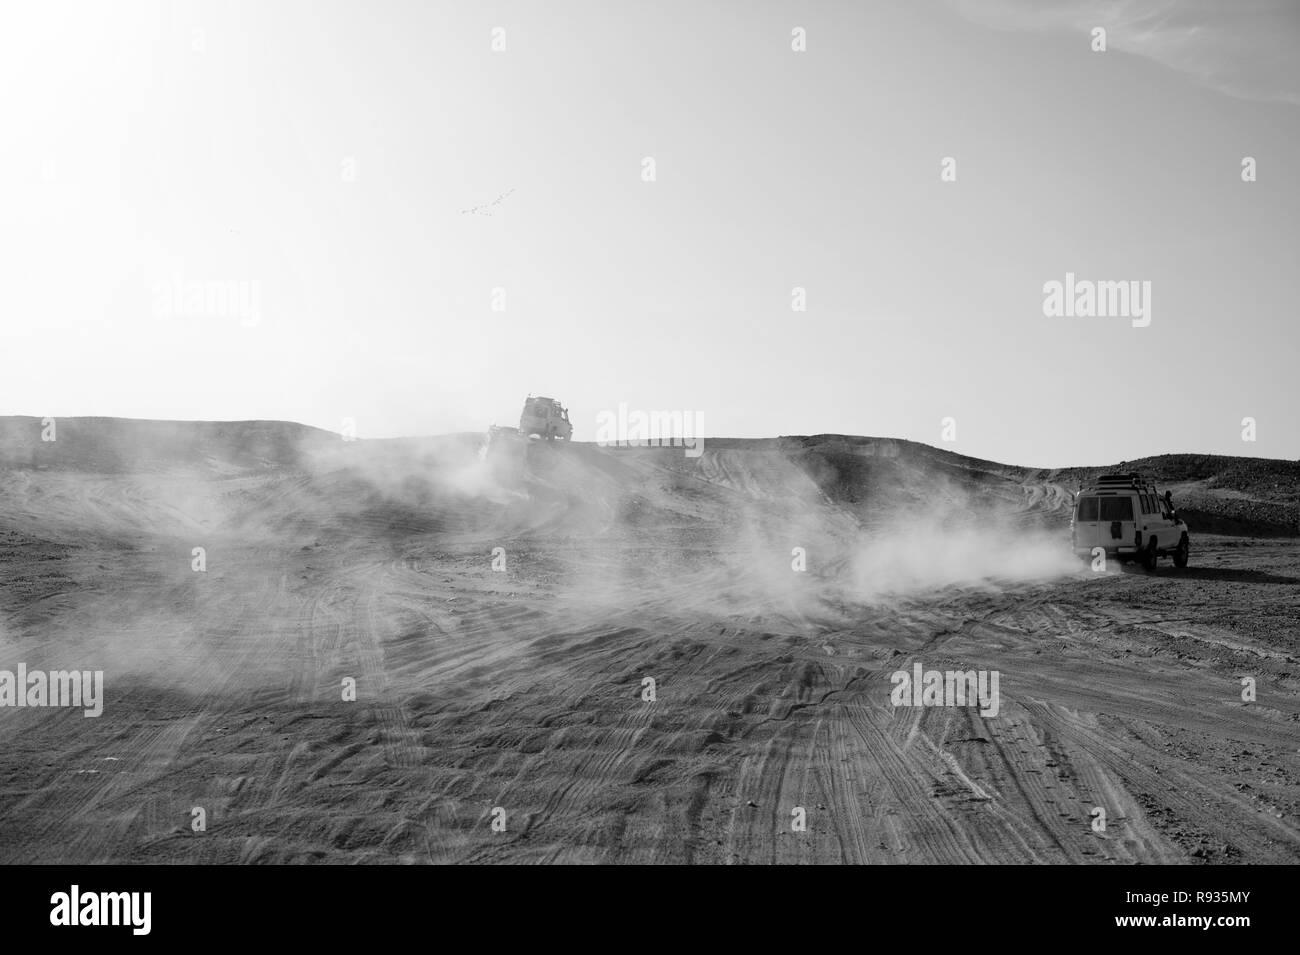 Competiciones desafío desierto. Alquiler de superar obstáculos dunas de arena. Coche offroad con nubes de polvo. Vehículo offroad racing obstáculos en el desierto. Interminable desierto. Carrera en un desierto de arena. Imagen De Stock